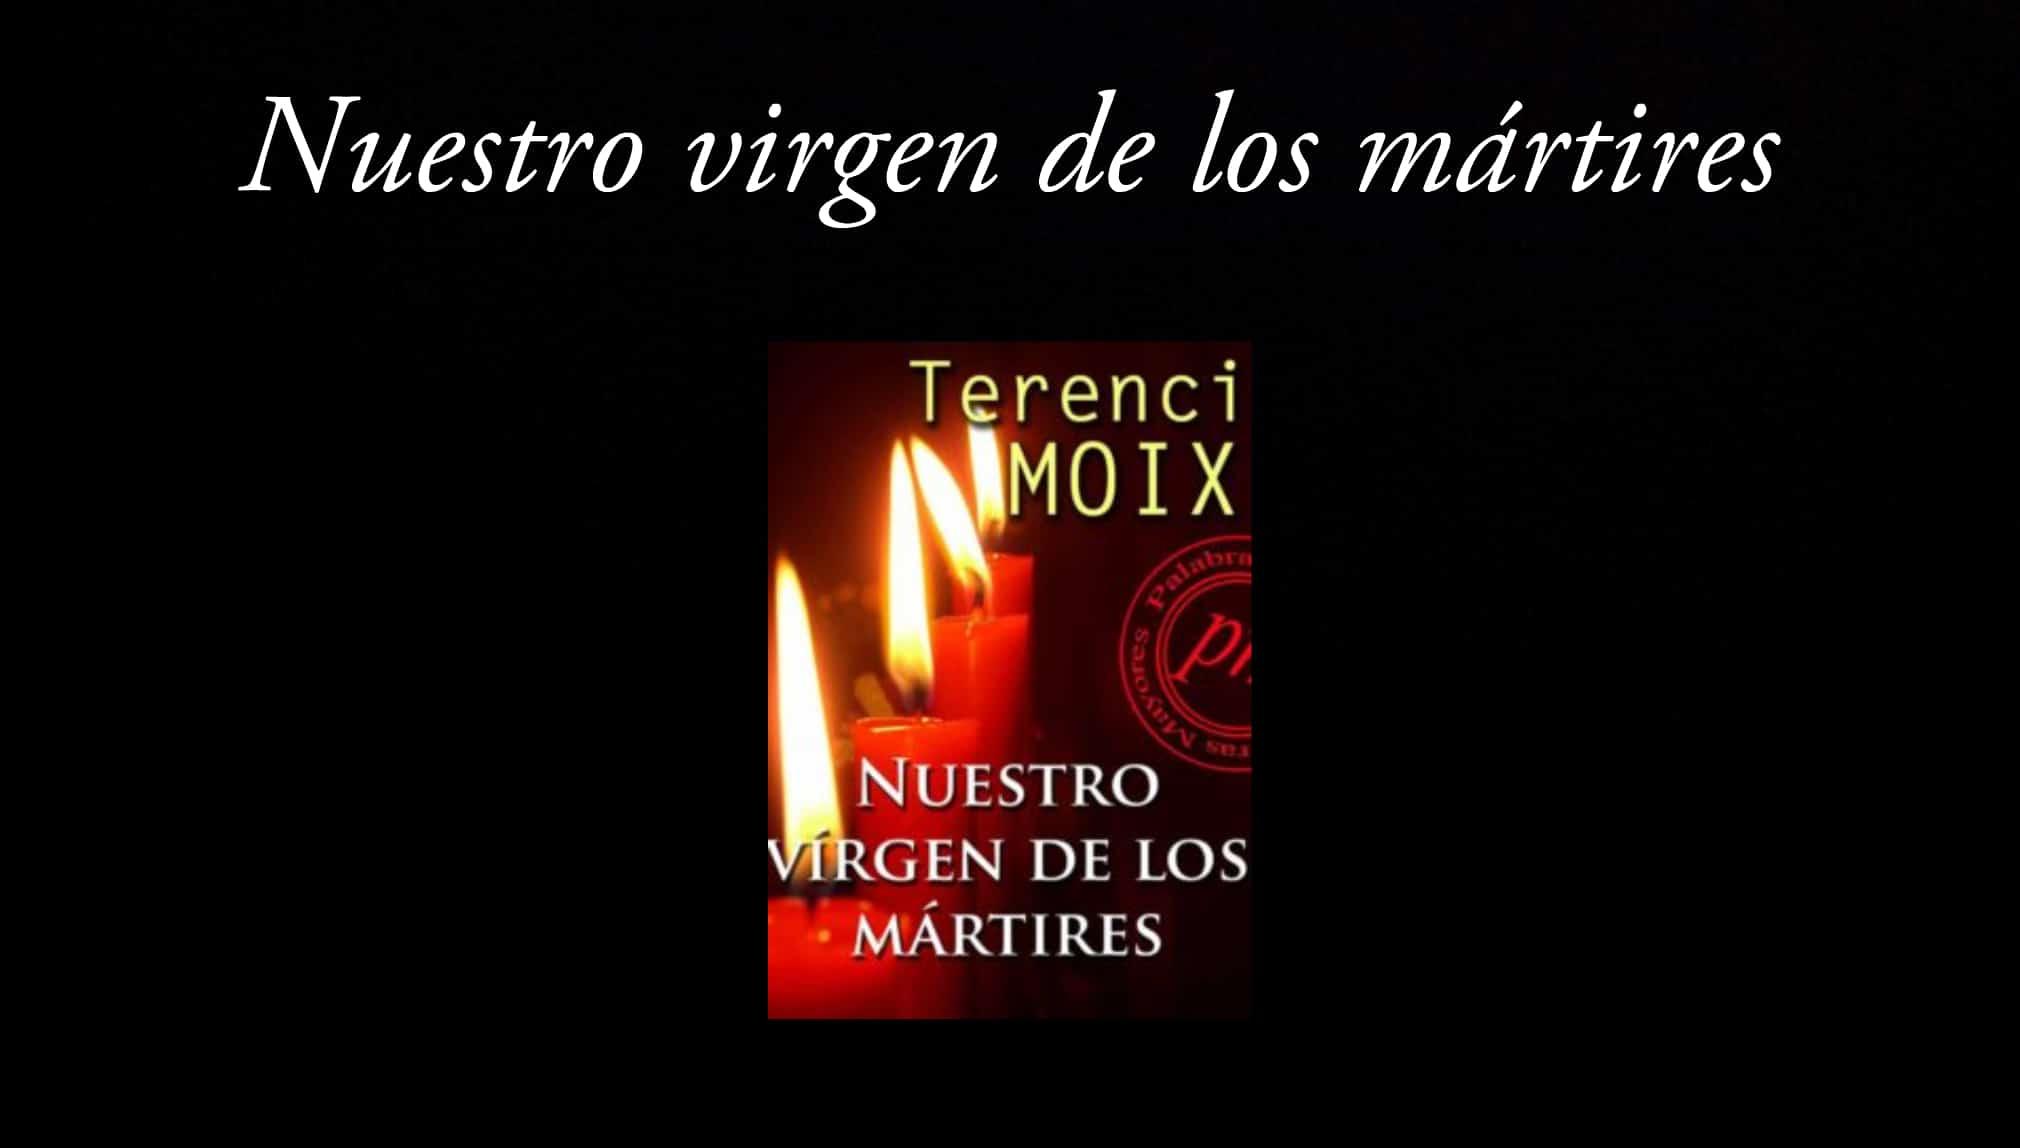 Nuestro virgen de los mártires.